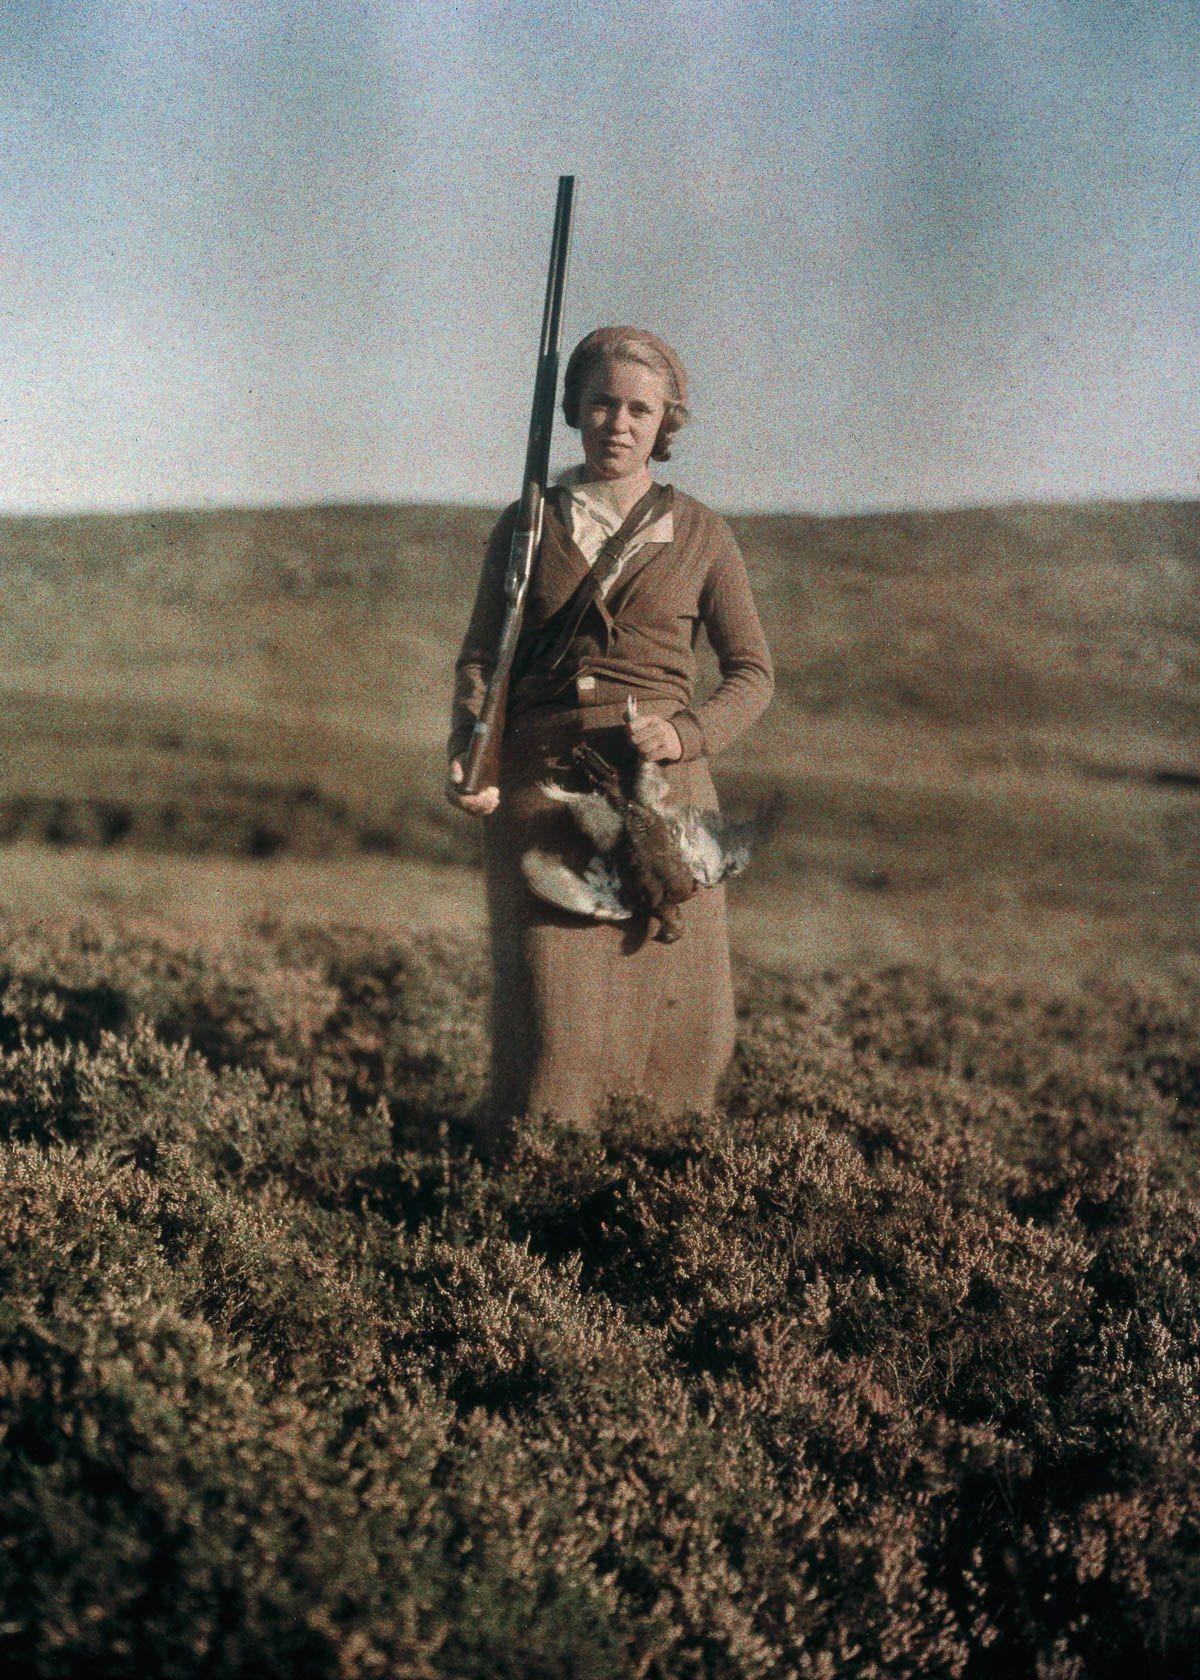 Женщина на охоте, 1920-е. Автохром, фотограф Фридрих Панет